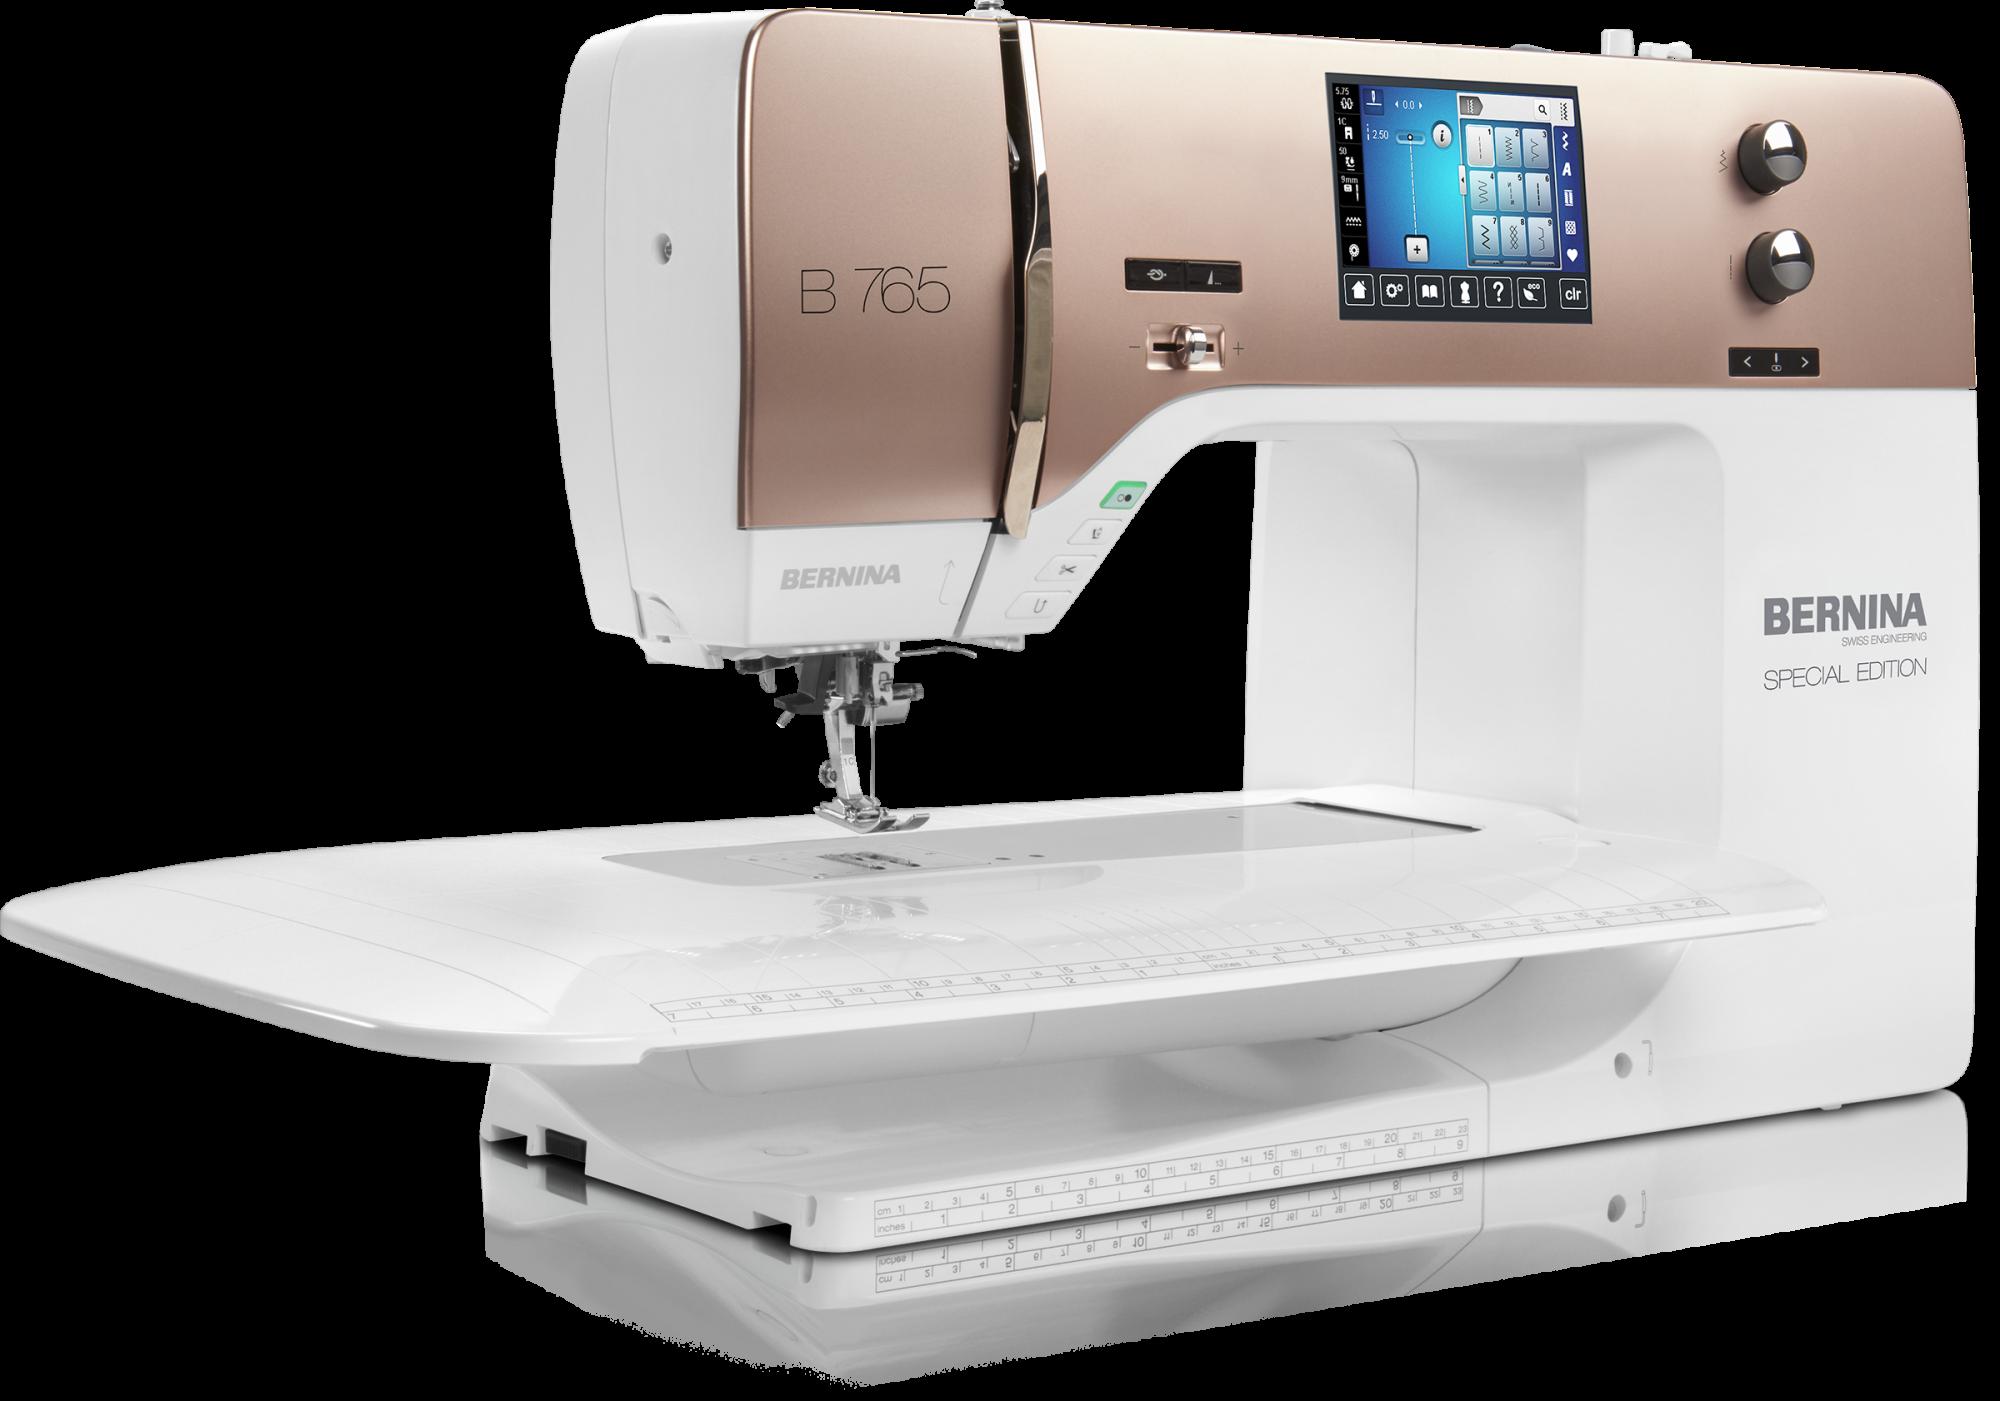 BERNINA B765